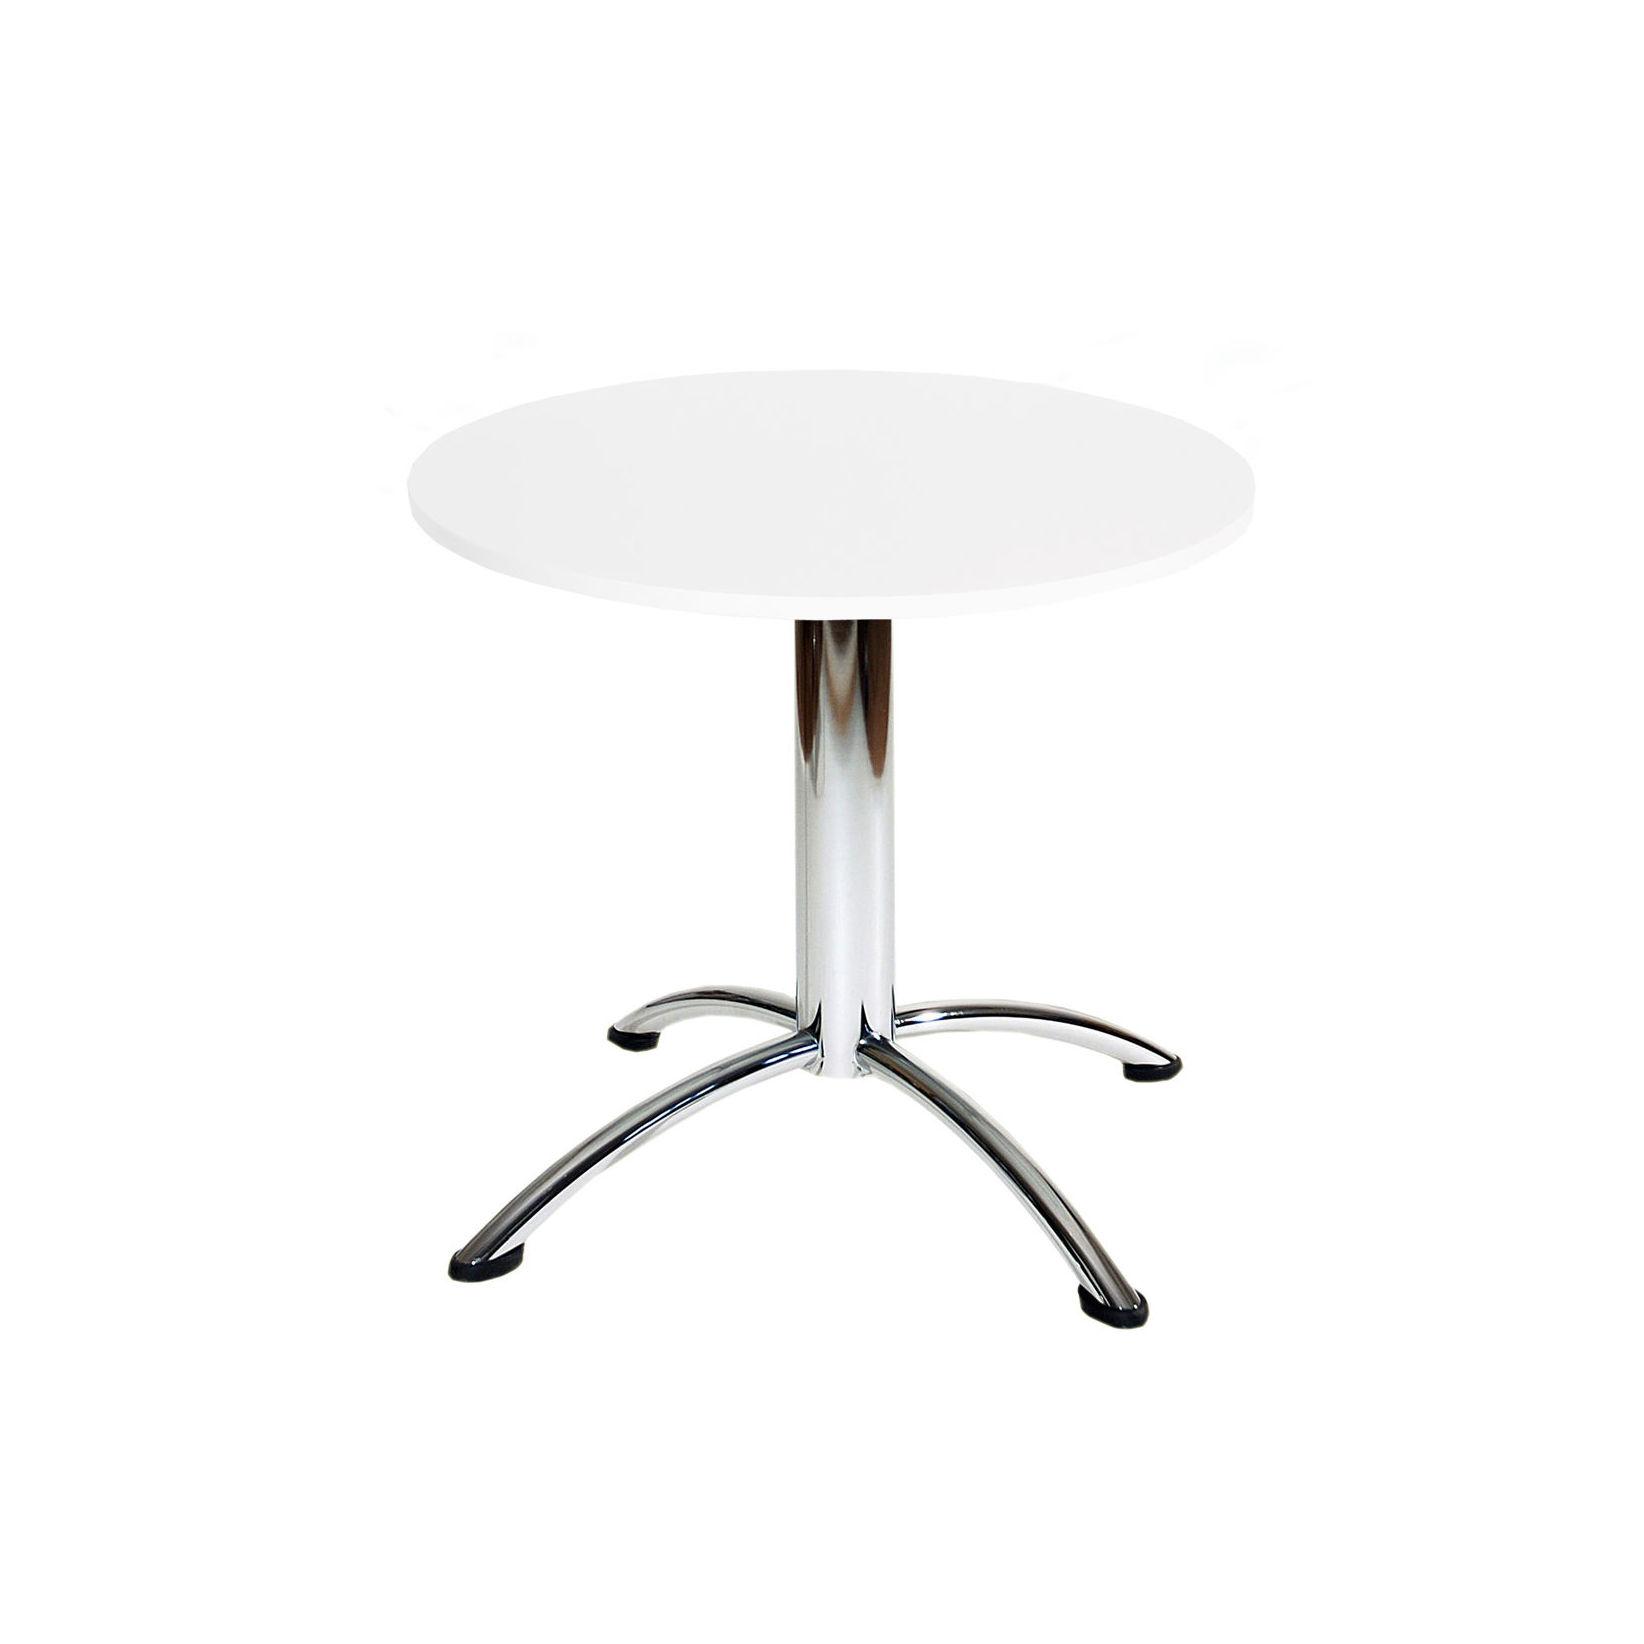 Mesa de madera Ordesa: Alquiler de mobiliario de Stuhl Ibérica Alquiler de Mobiliario